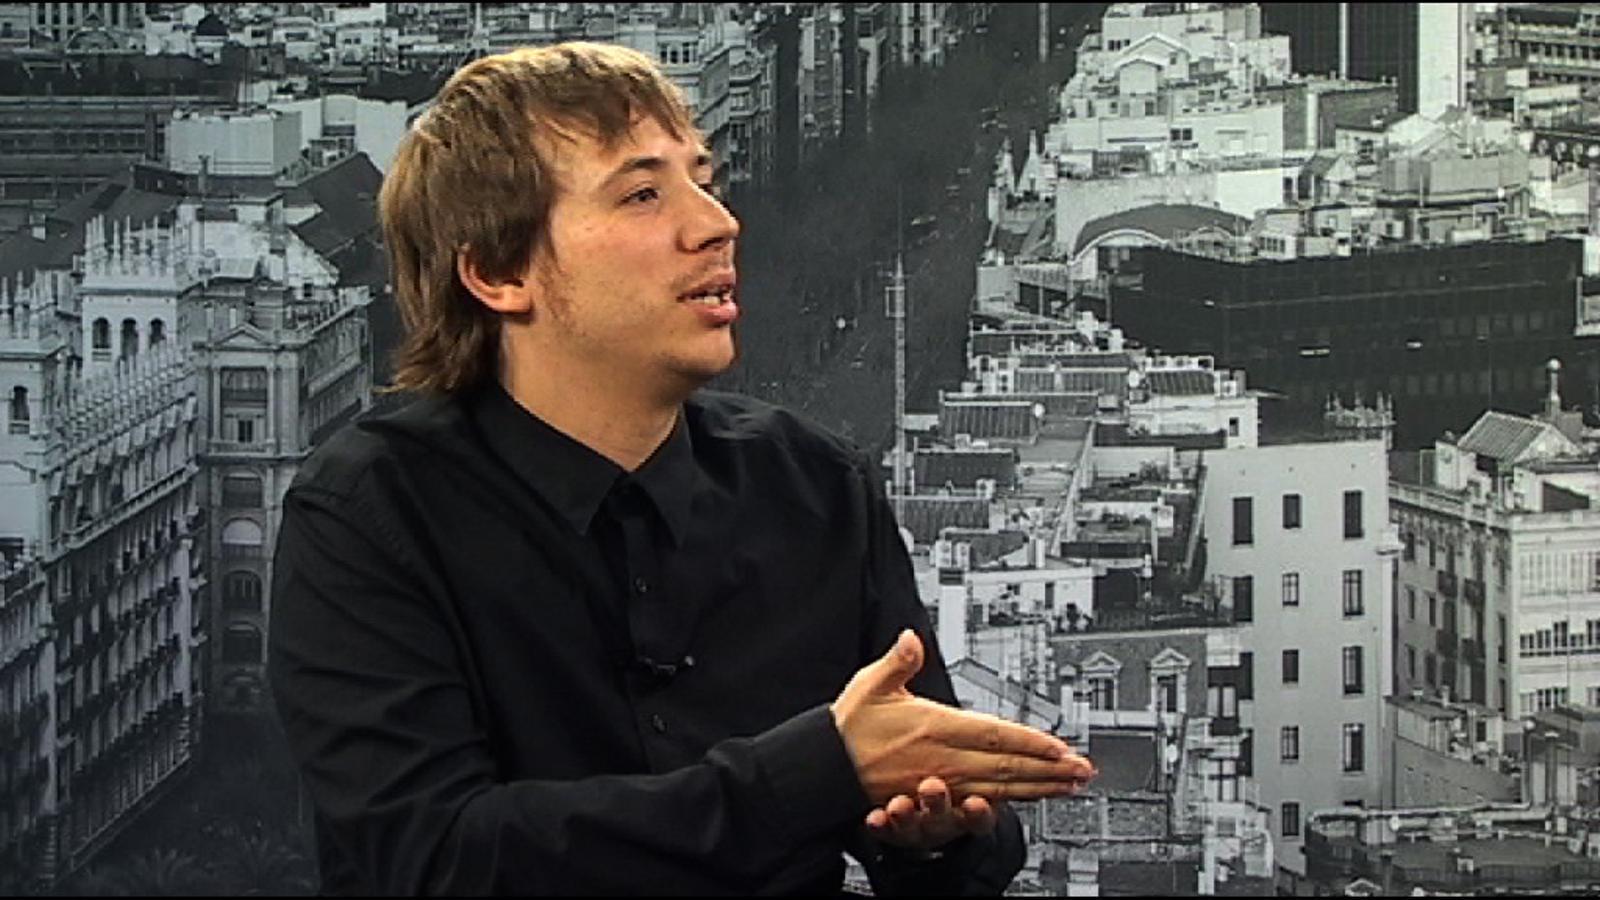 Xavier Rubio: Un estudi diu que estem dissenyats genèticament per ser religiosos